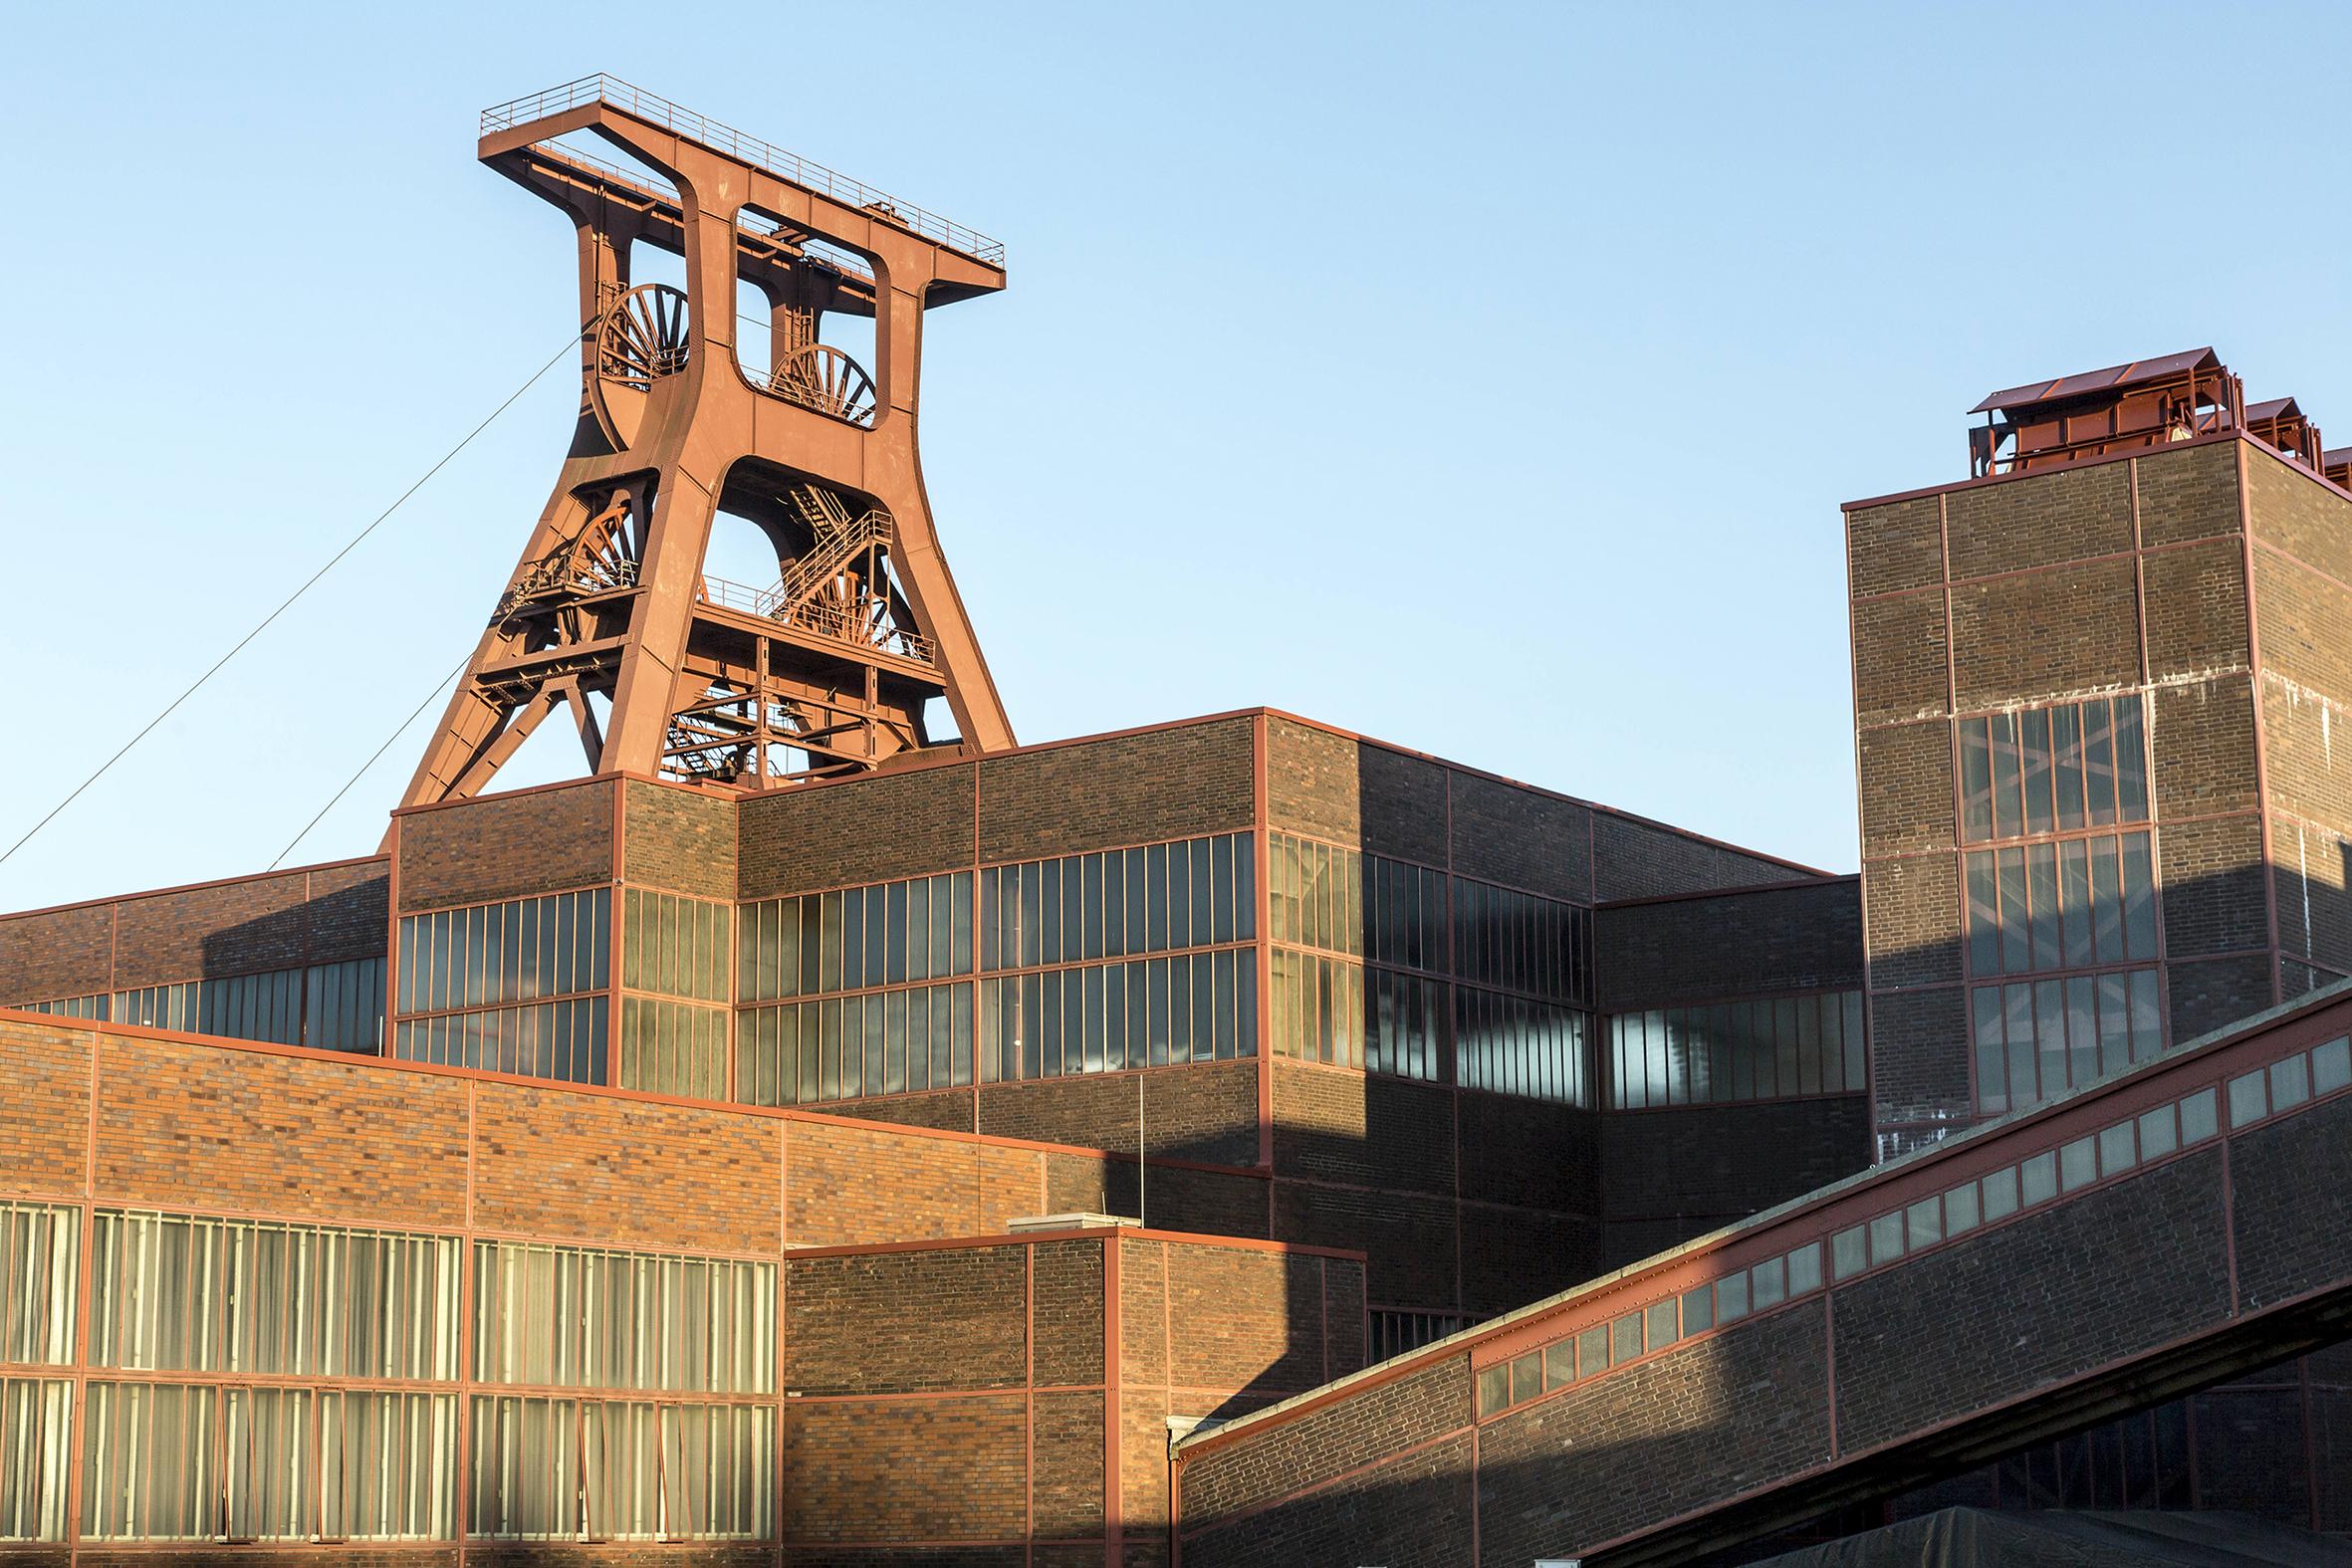 Historische Gebäude der Zeche Zollverein mit Blick auf den Doppelbock, Foto: Jochen Tack © Stiftung Zollverein